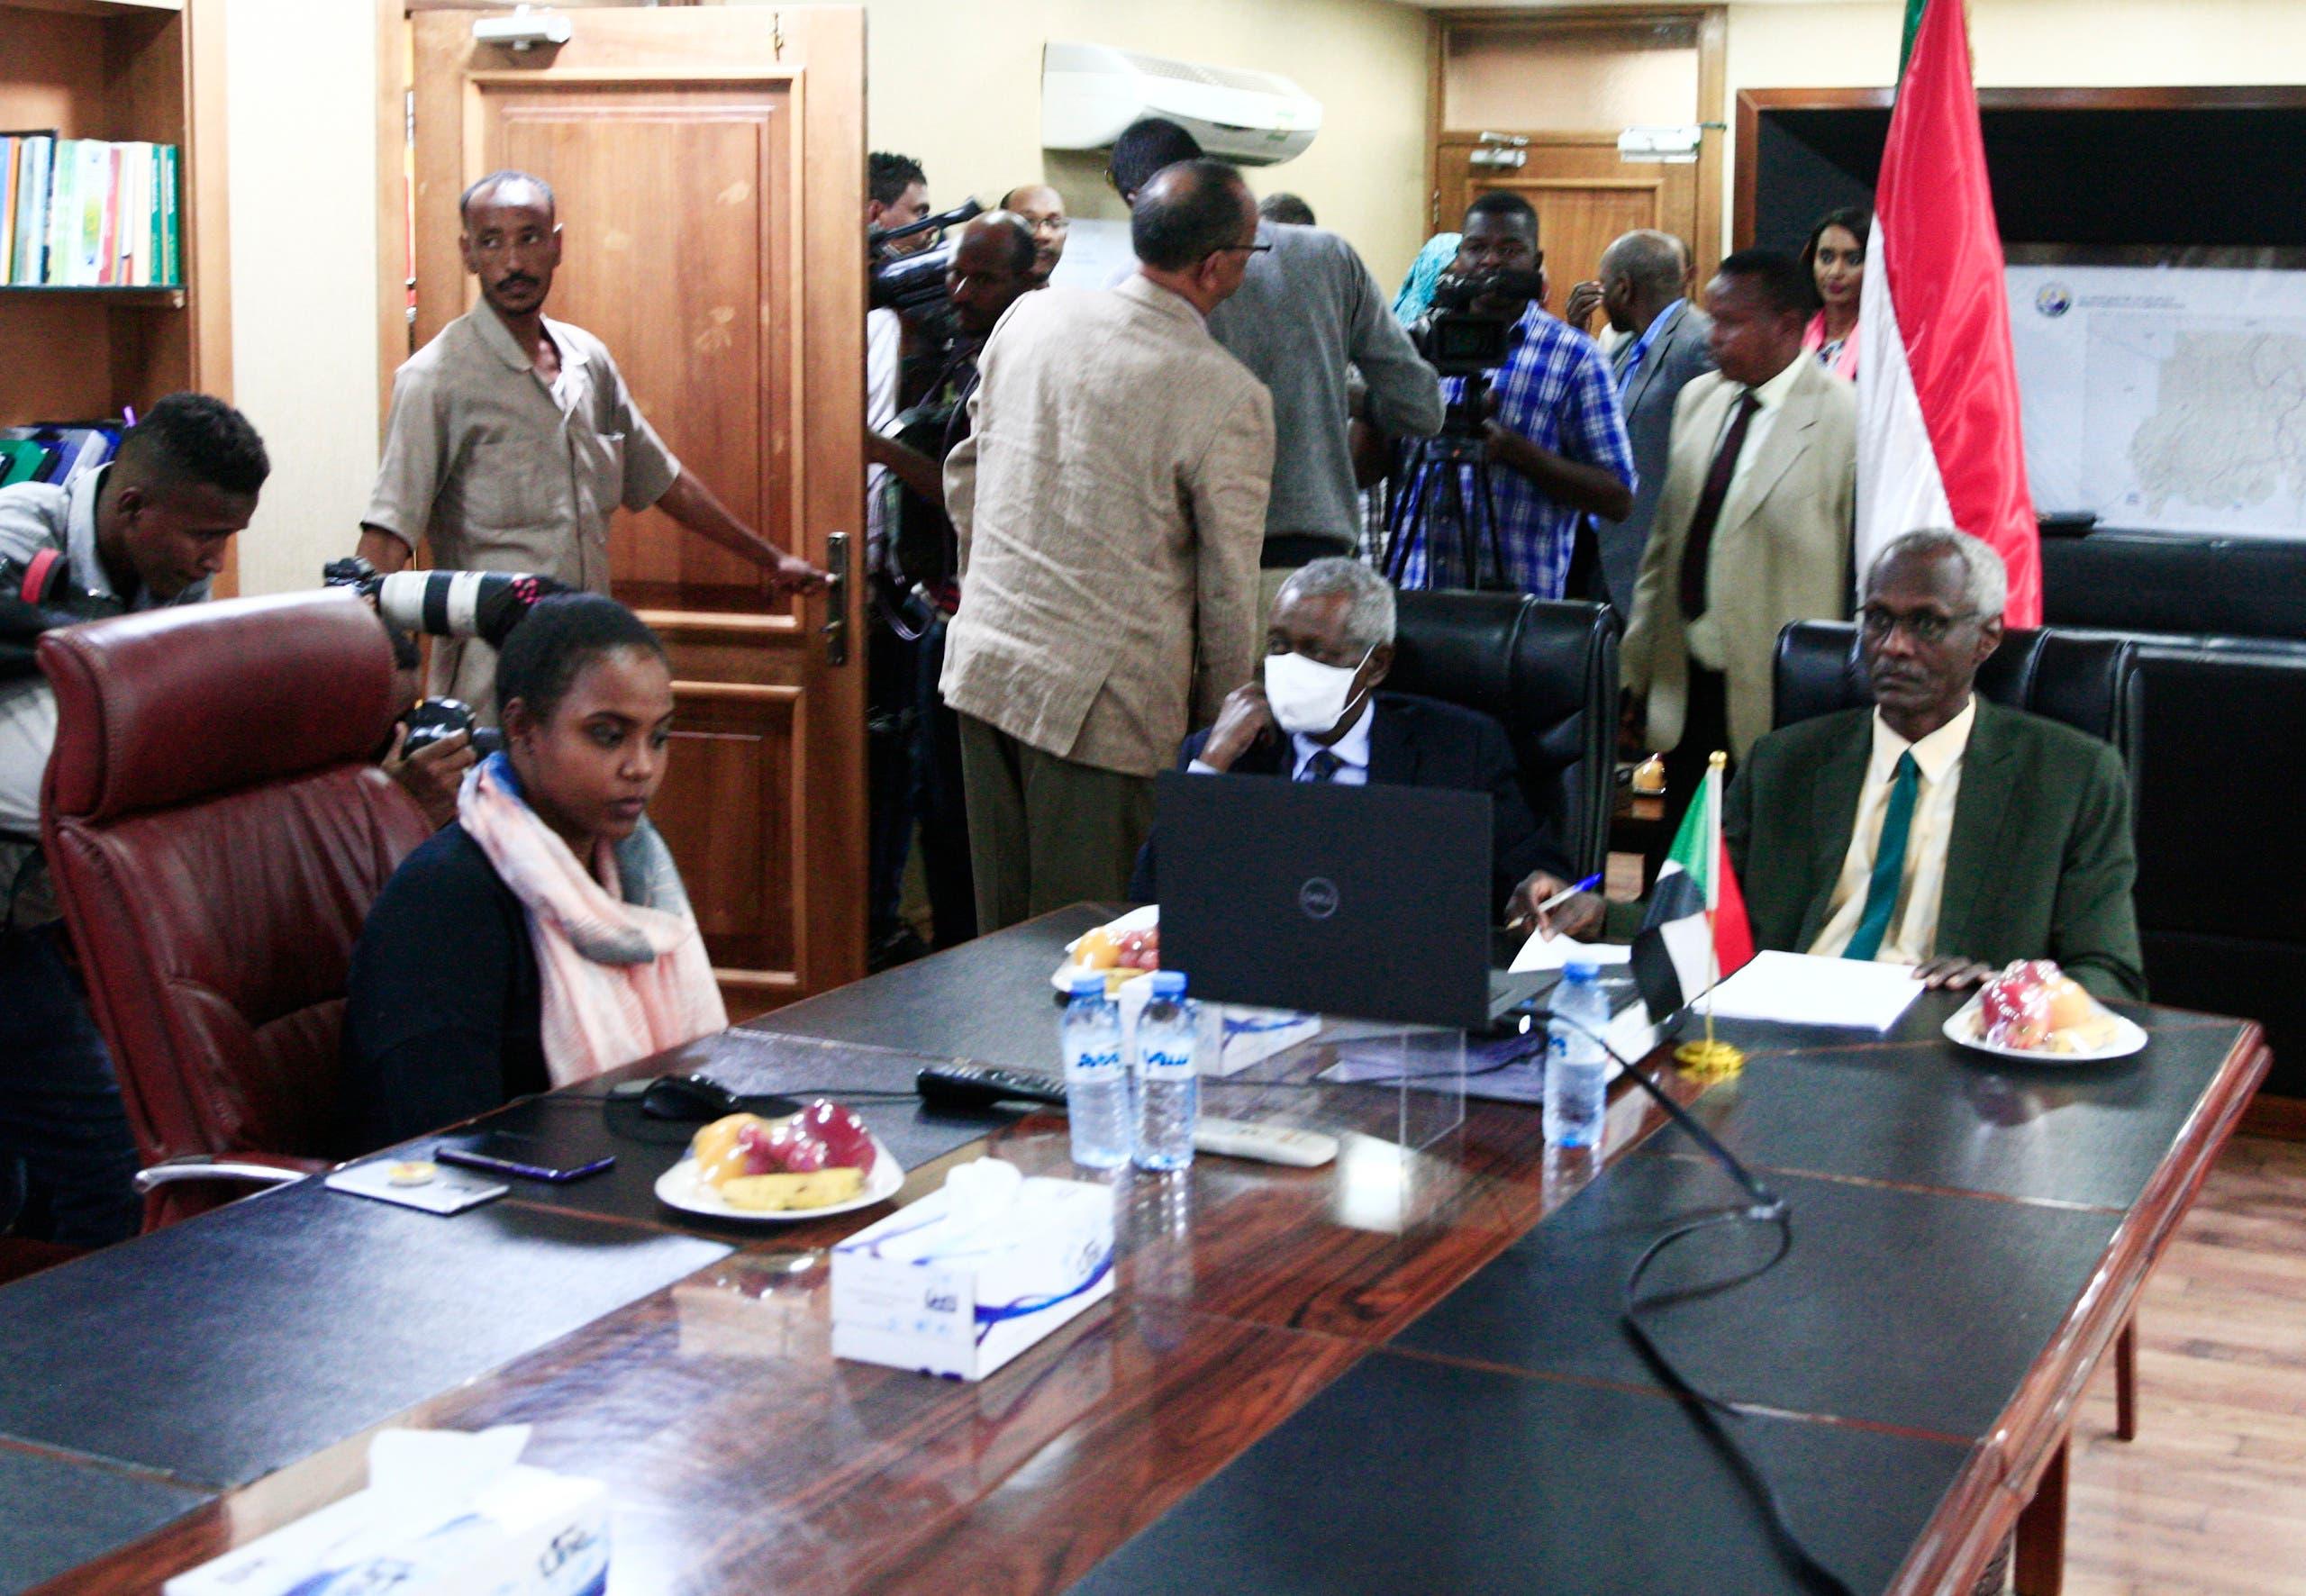 وزير الري السوداني ياسر عبّاس يشارك عن بُعد بأحد اجتماعات التفاوض حول السد